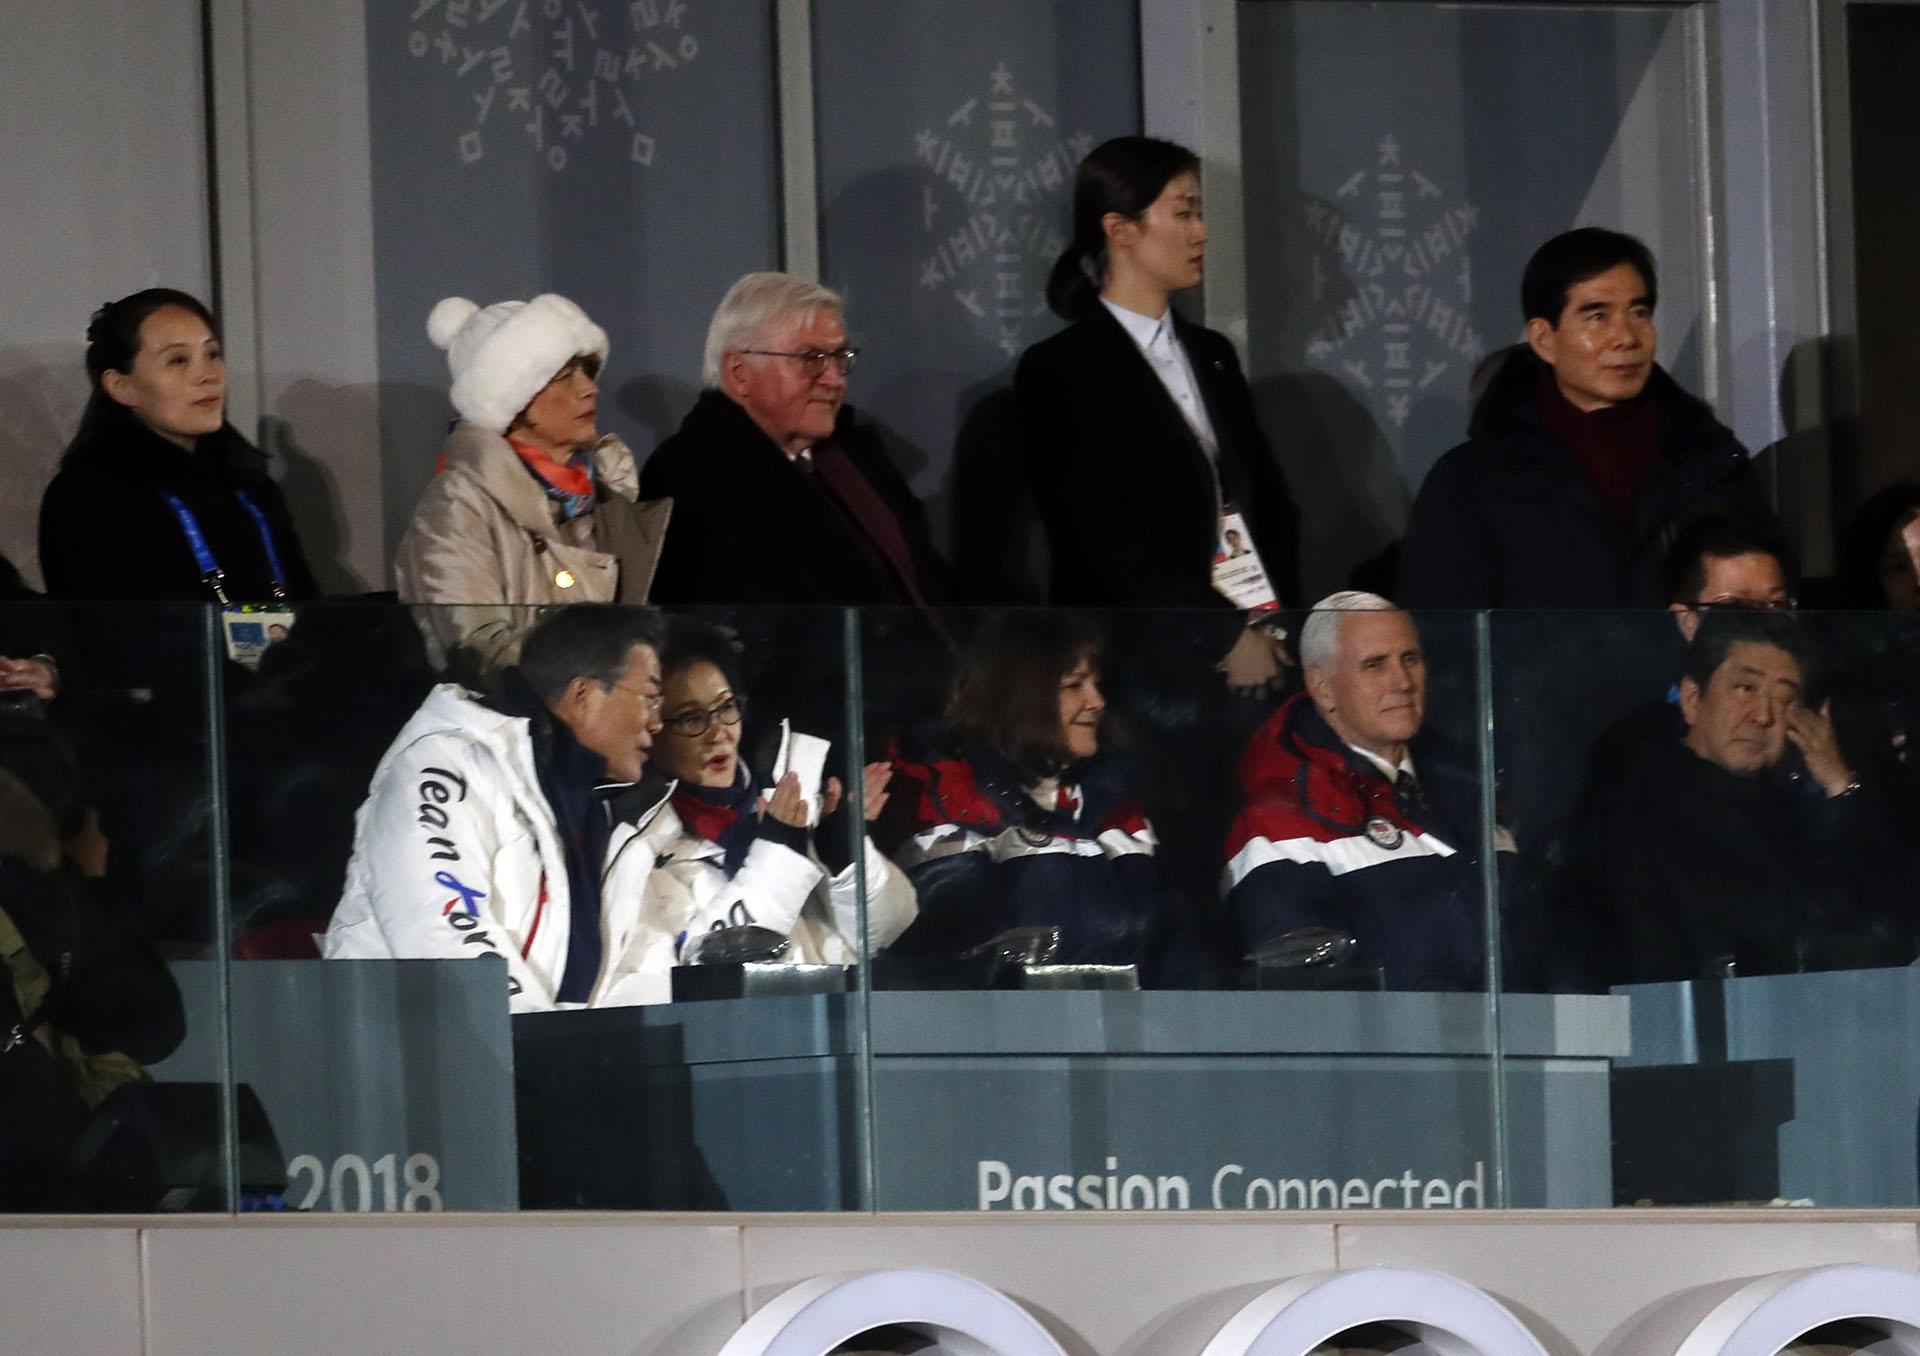 En el mismo cuadro aparecen Kim Yo-jong (arriba a la izquierda), hermana del dictador norcoreano Kim Jong-un; el presidente de Corea del Sur,Moon Jae-in (debajo, a la izquierda); el vicepresidente de los Estados Unidos,Mike Pence (segundo de la derecha, debajo);y el primer ministro japonés,Shinzo Abe (abajo a la derecha)